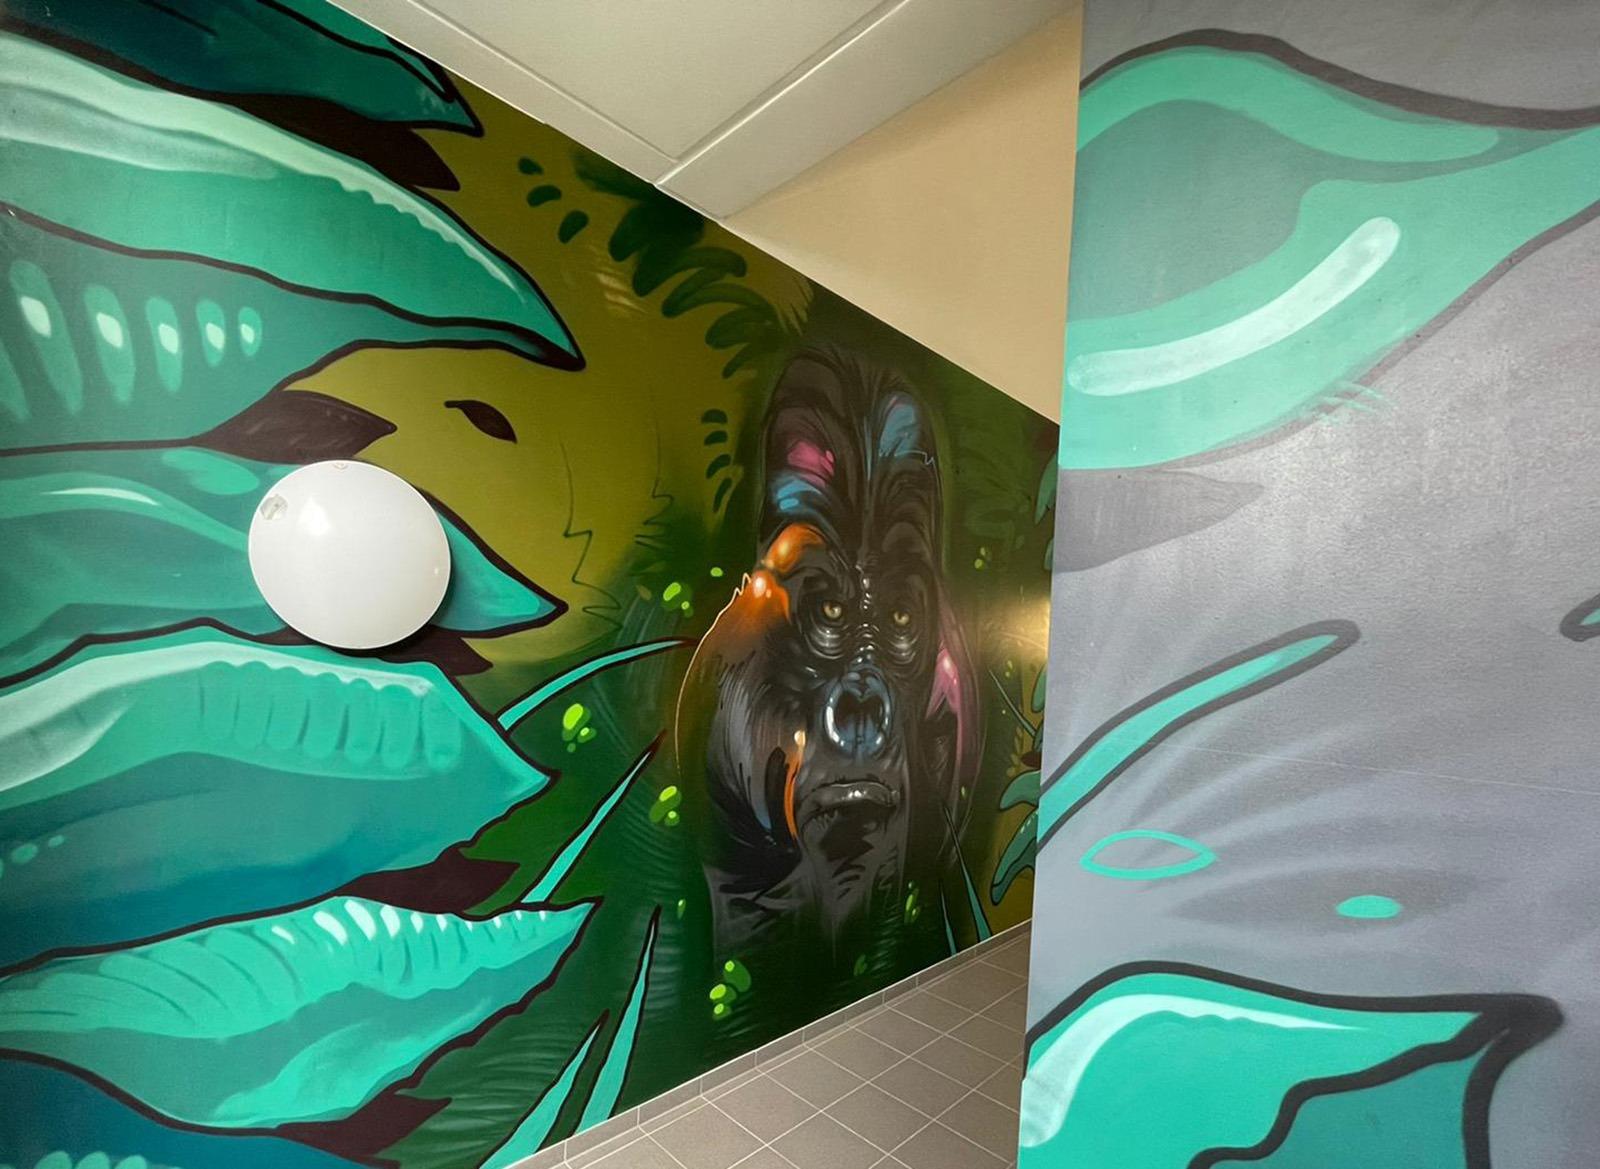 Bunter Gorilla im Graffitistil vor Dschungel Hintergrund für Amazon